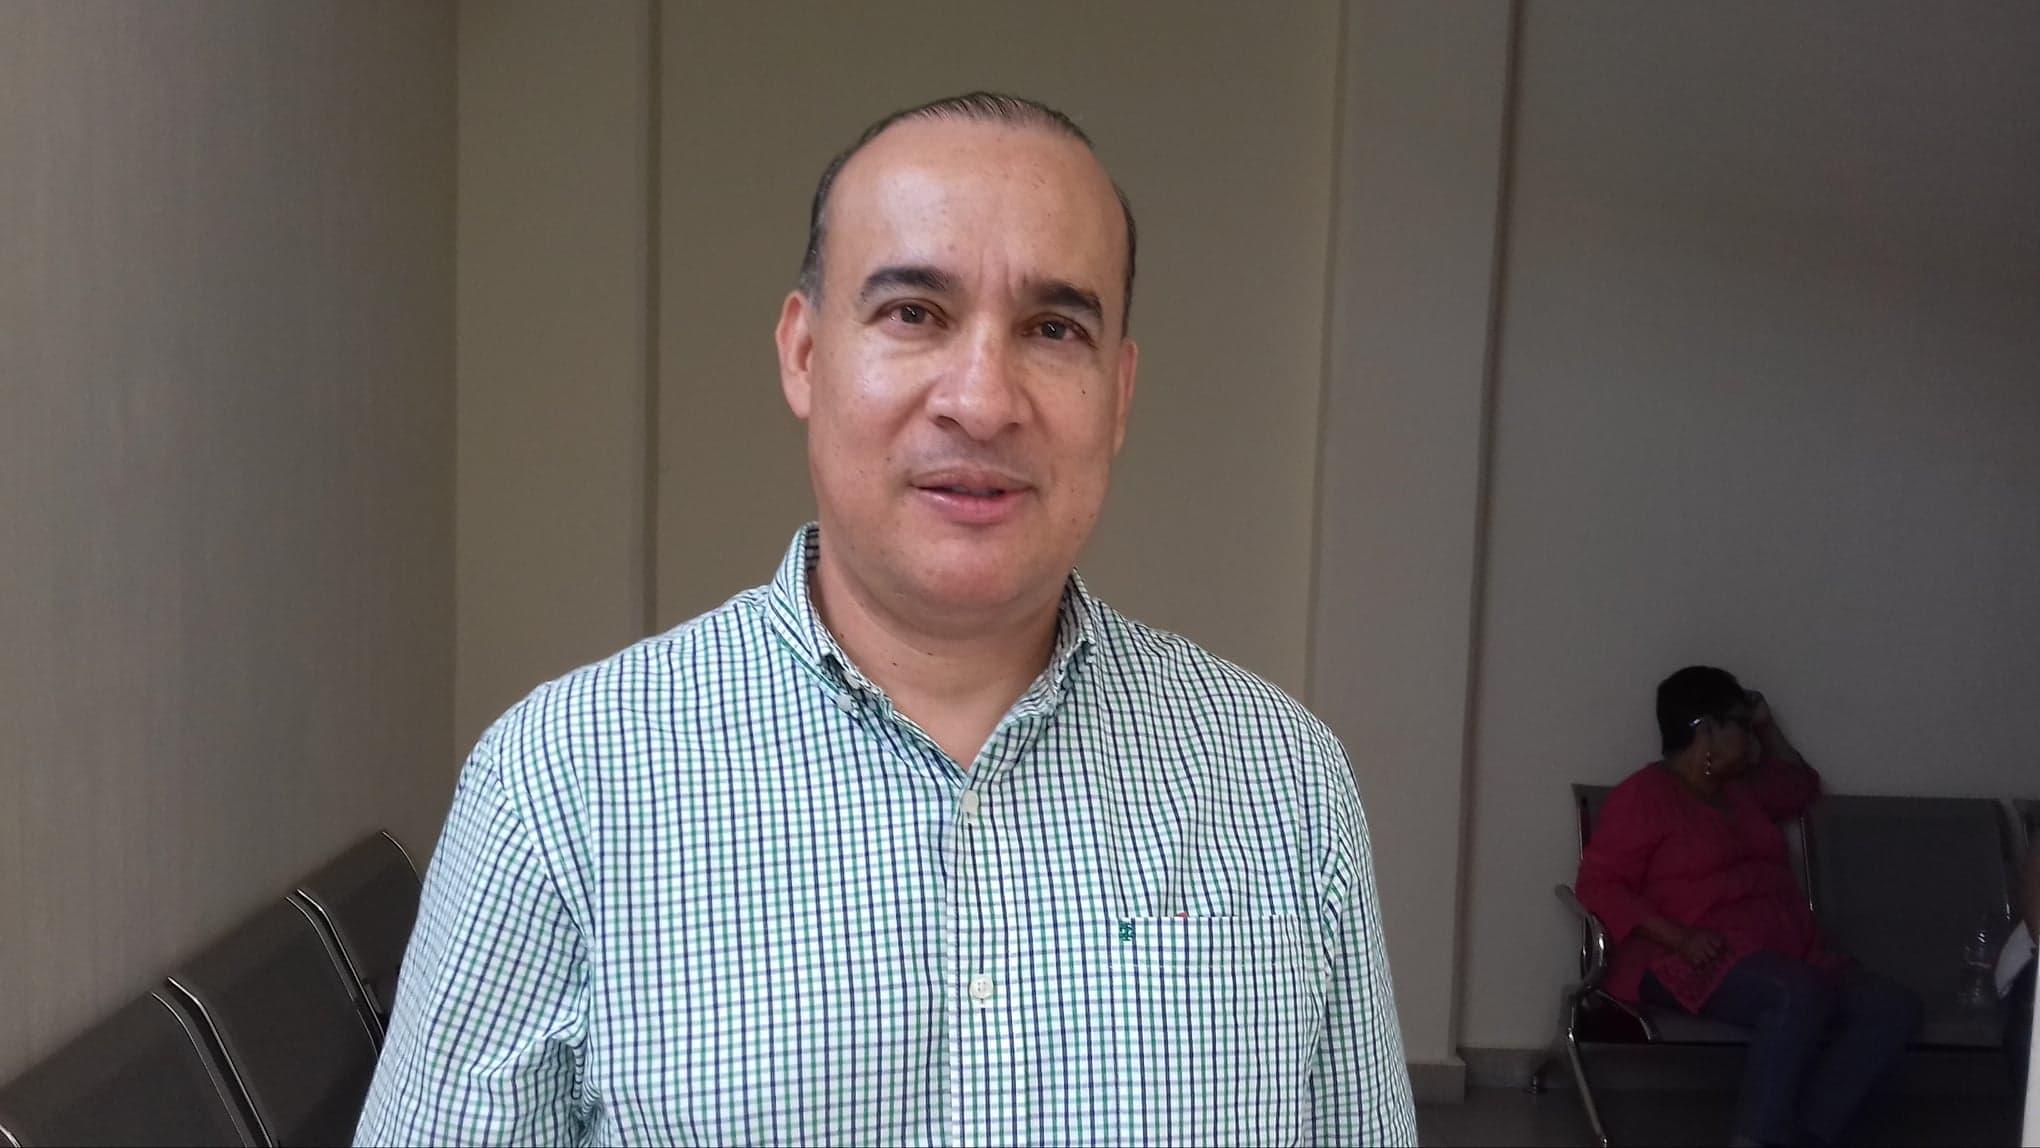 Roy Rubio vuelve a casa con condena a cuesta: 5 años y regresará 7.5  millones